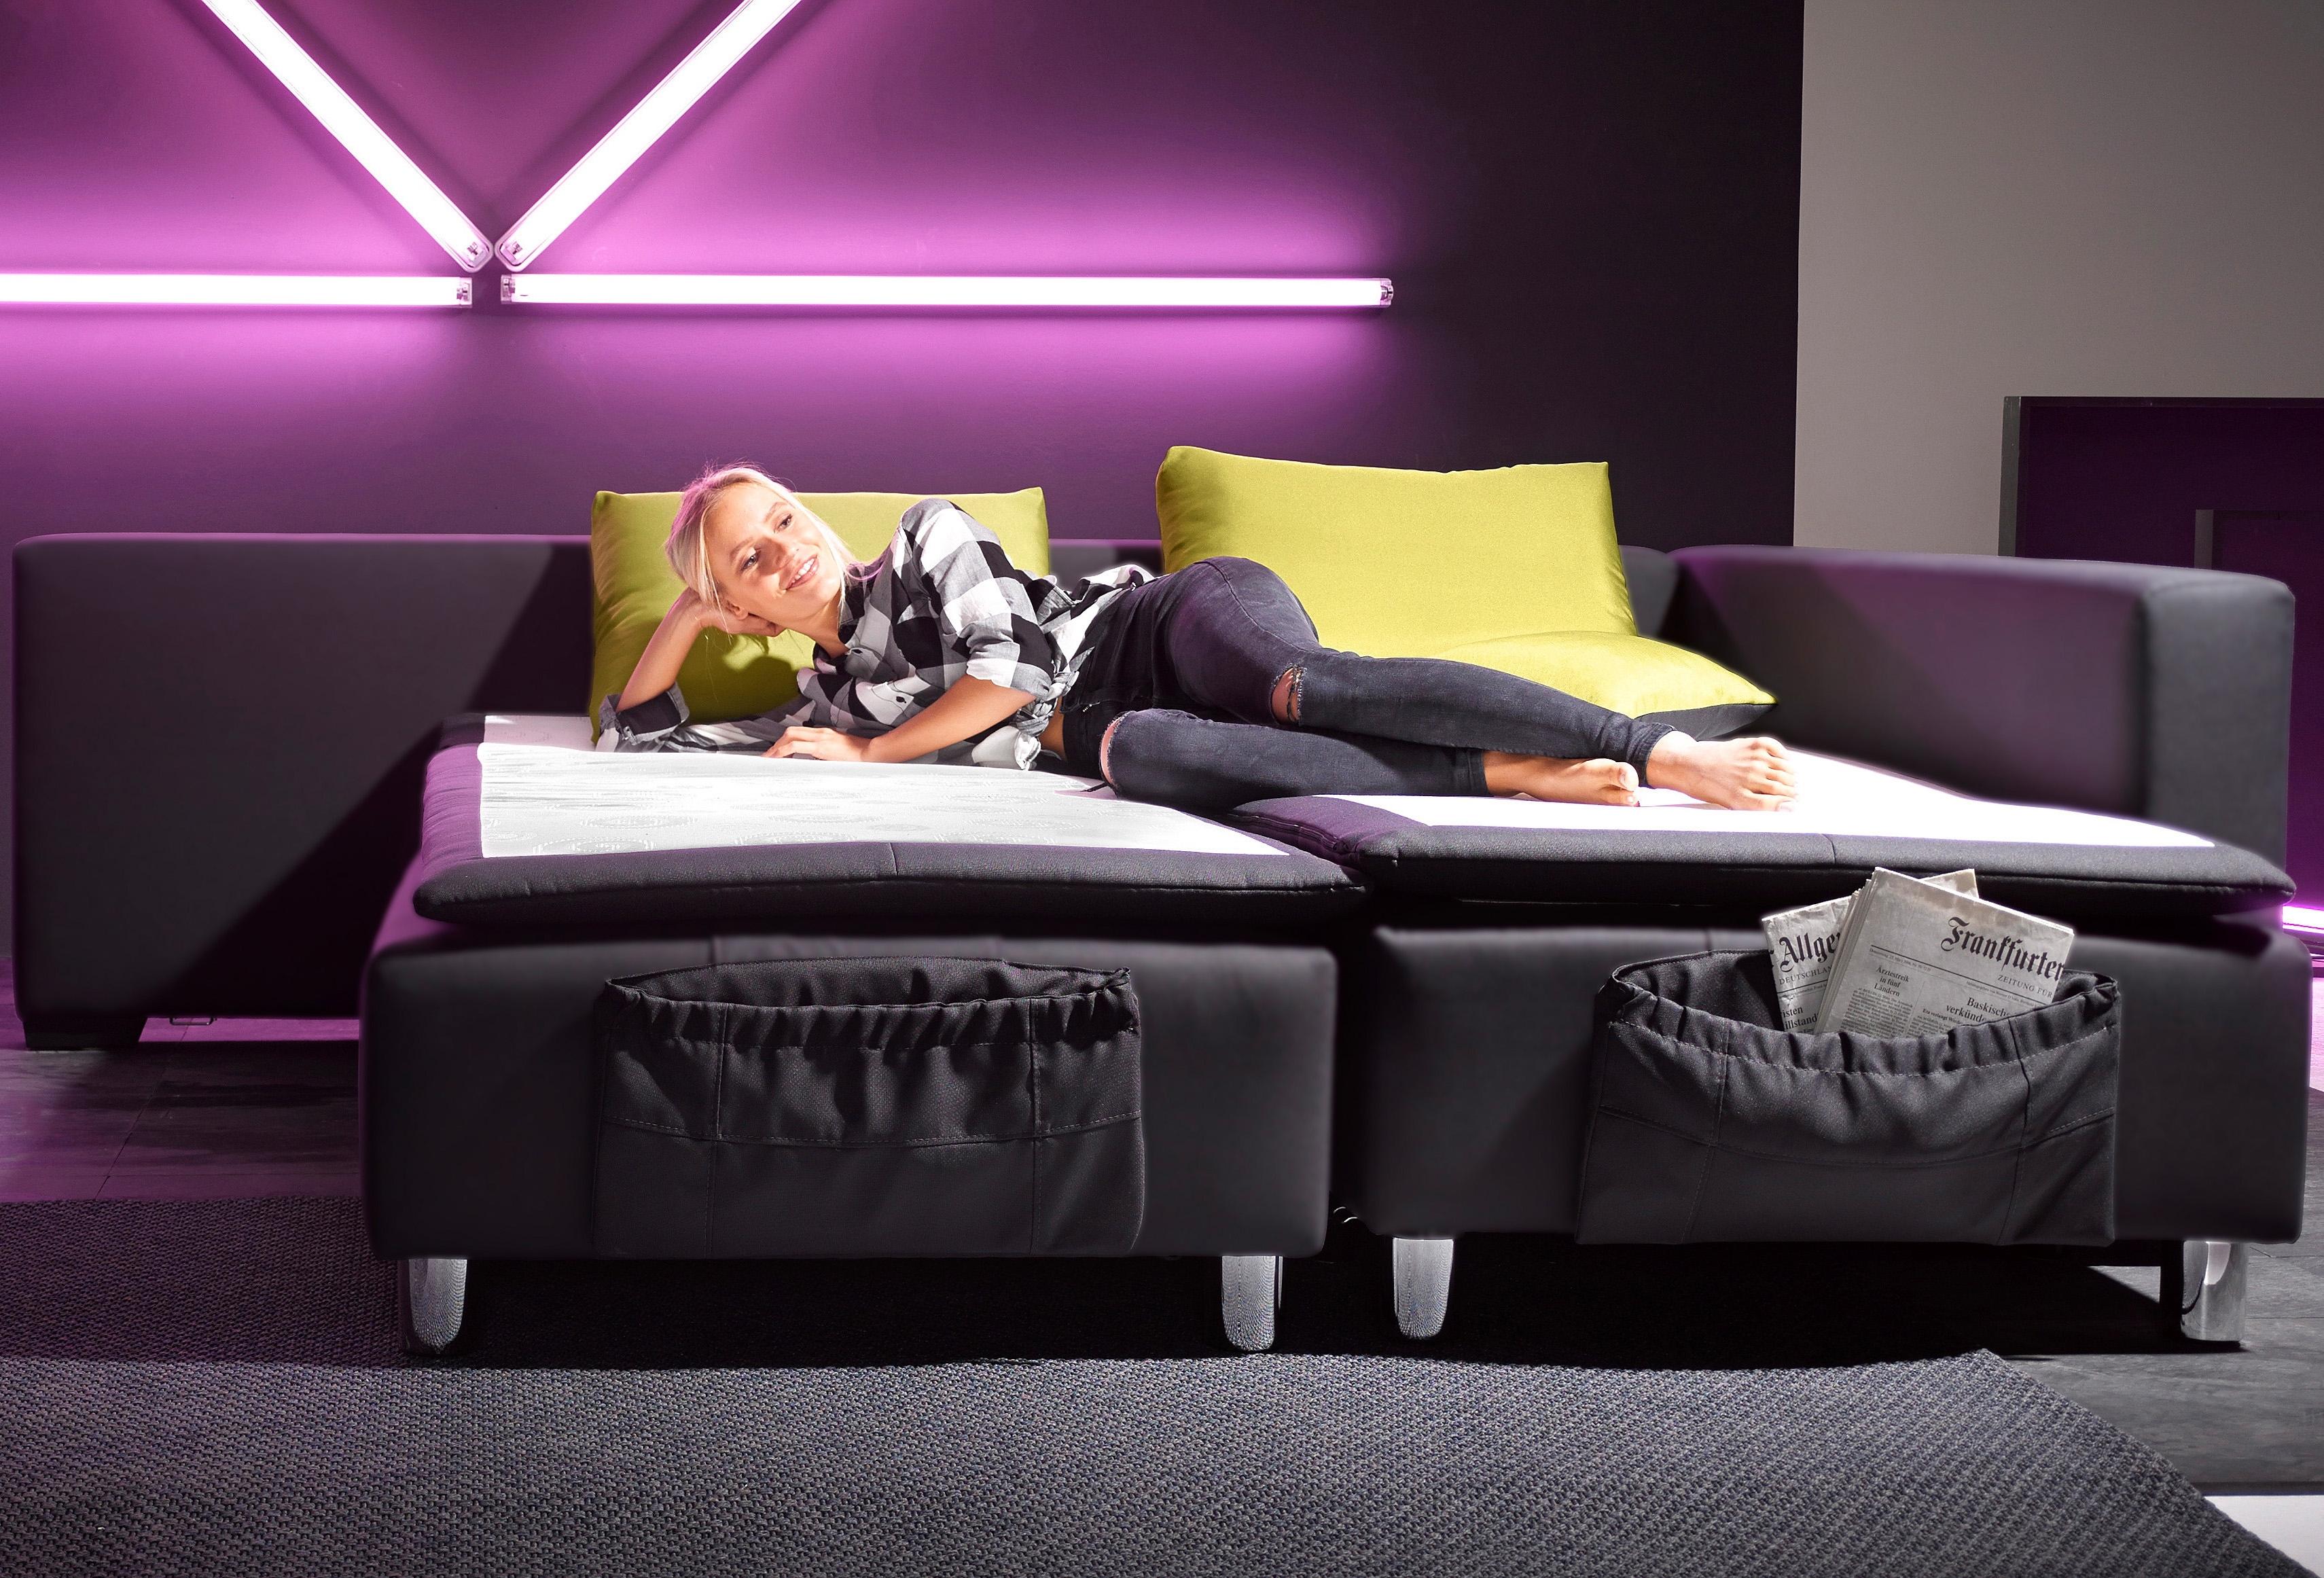 Inosign hoekbank met volwaardige slaapfunctie nu online kopen bij OTTO